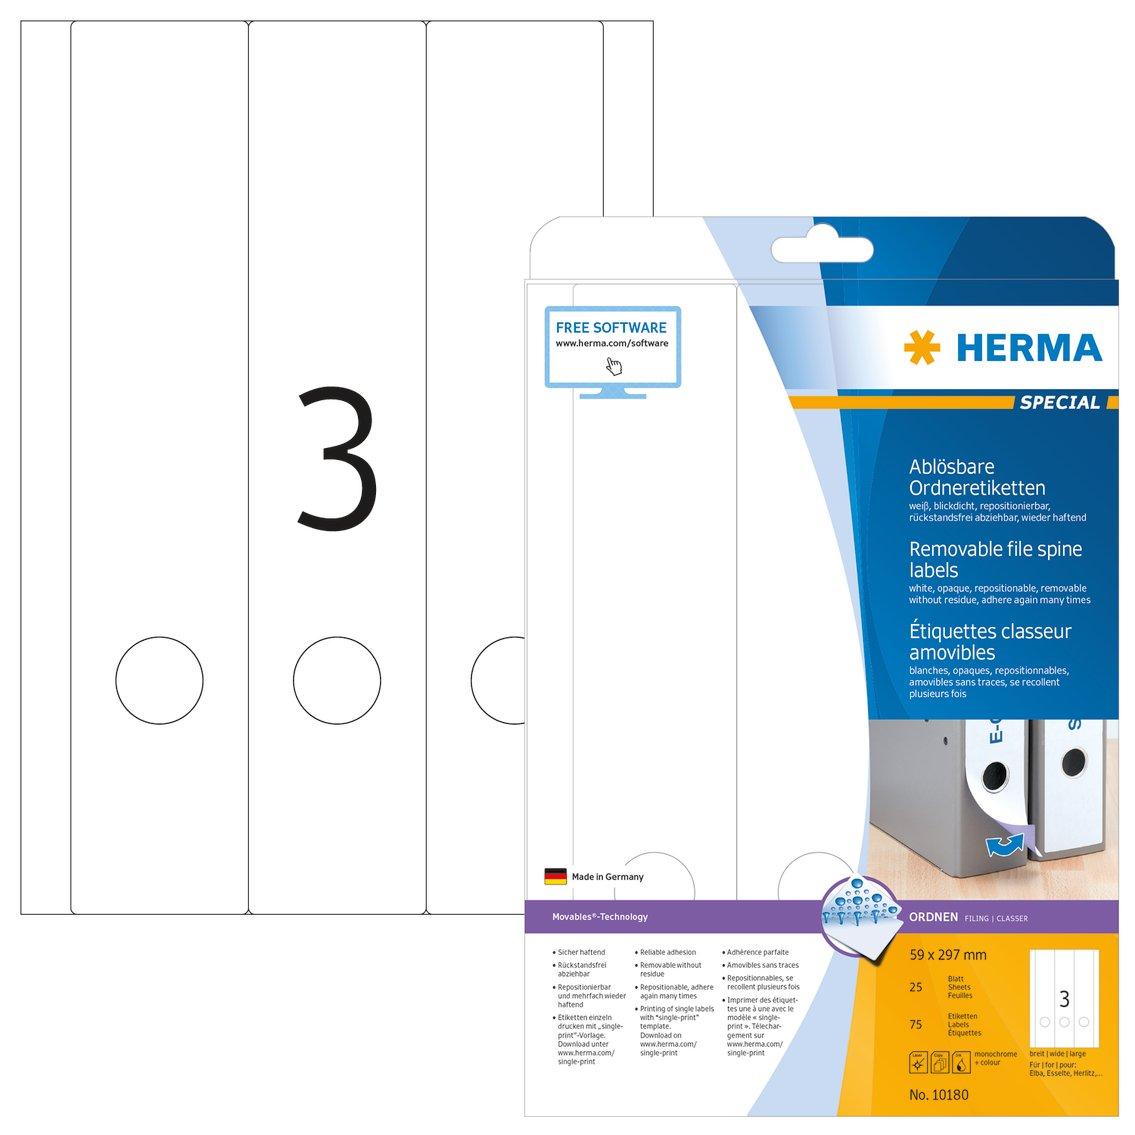 Herma 10180 - Etiquetas de archivador despegables A4, 59x297 mm, papel mate opaco, 75 unidades, color blanco: Amazon.es: Oficina y papelería